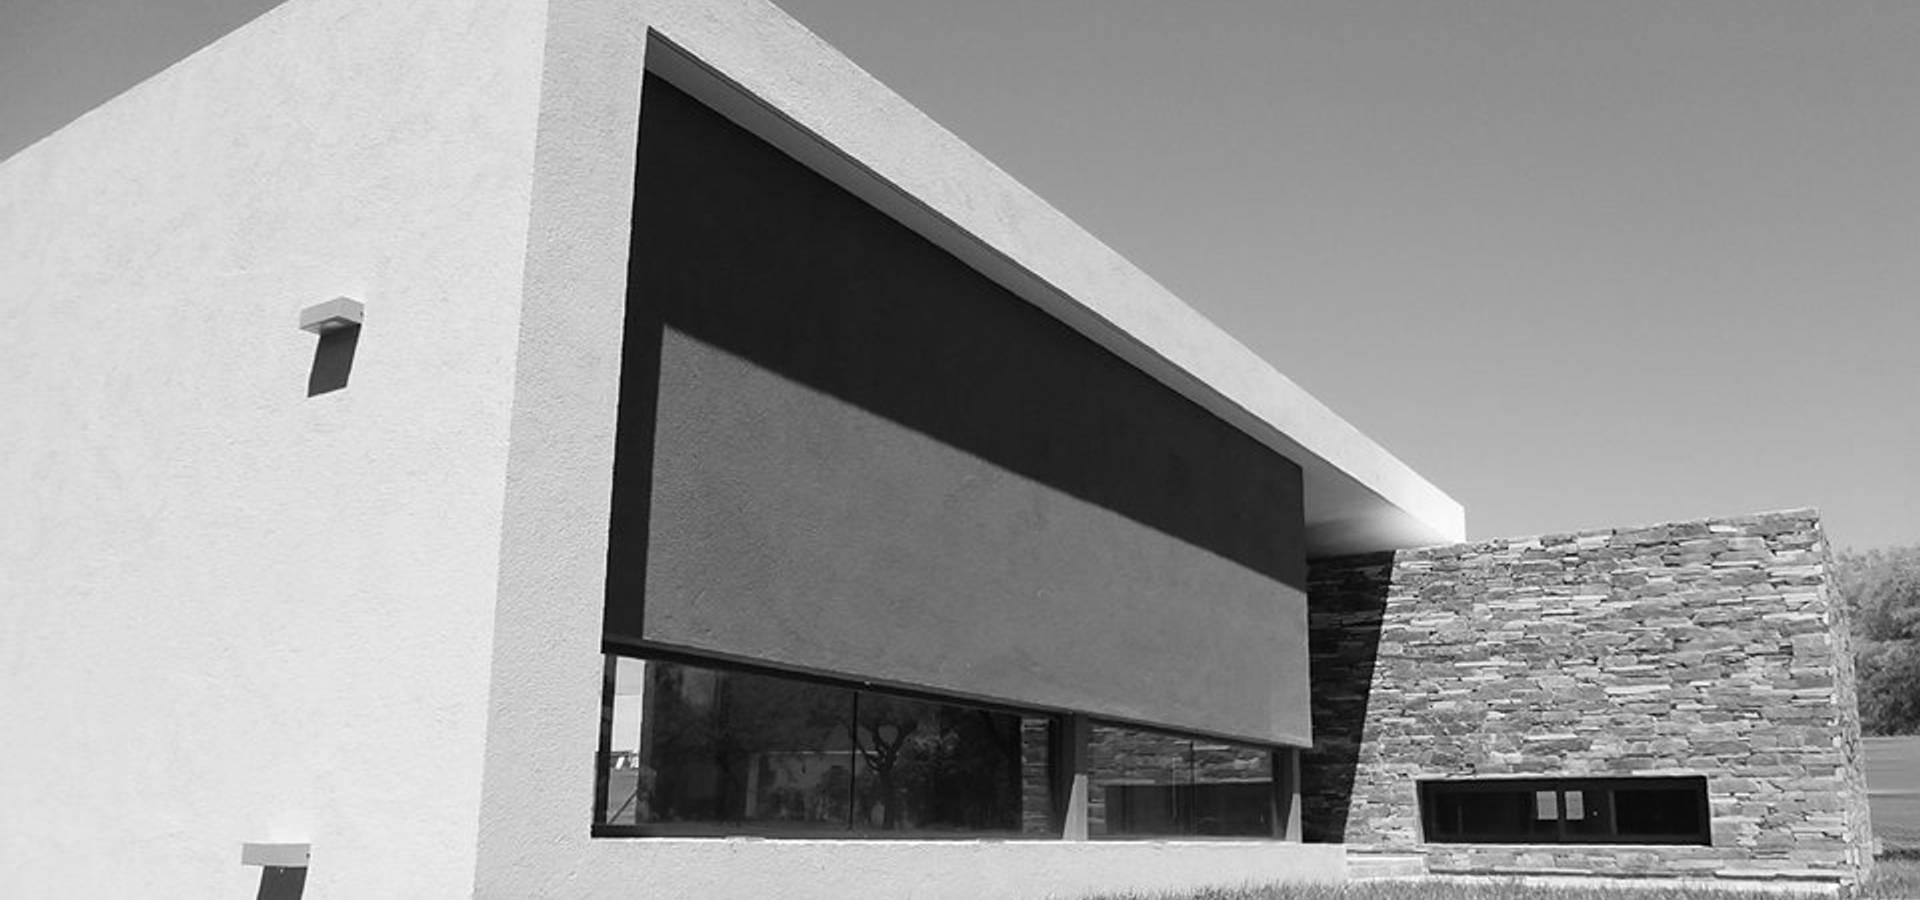 Invernon arquitectos arquitectos en c rdoba homify - Arquitectos en cordoba ...